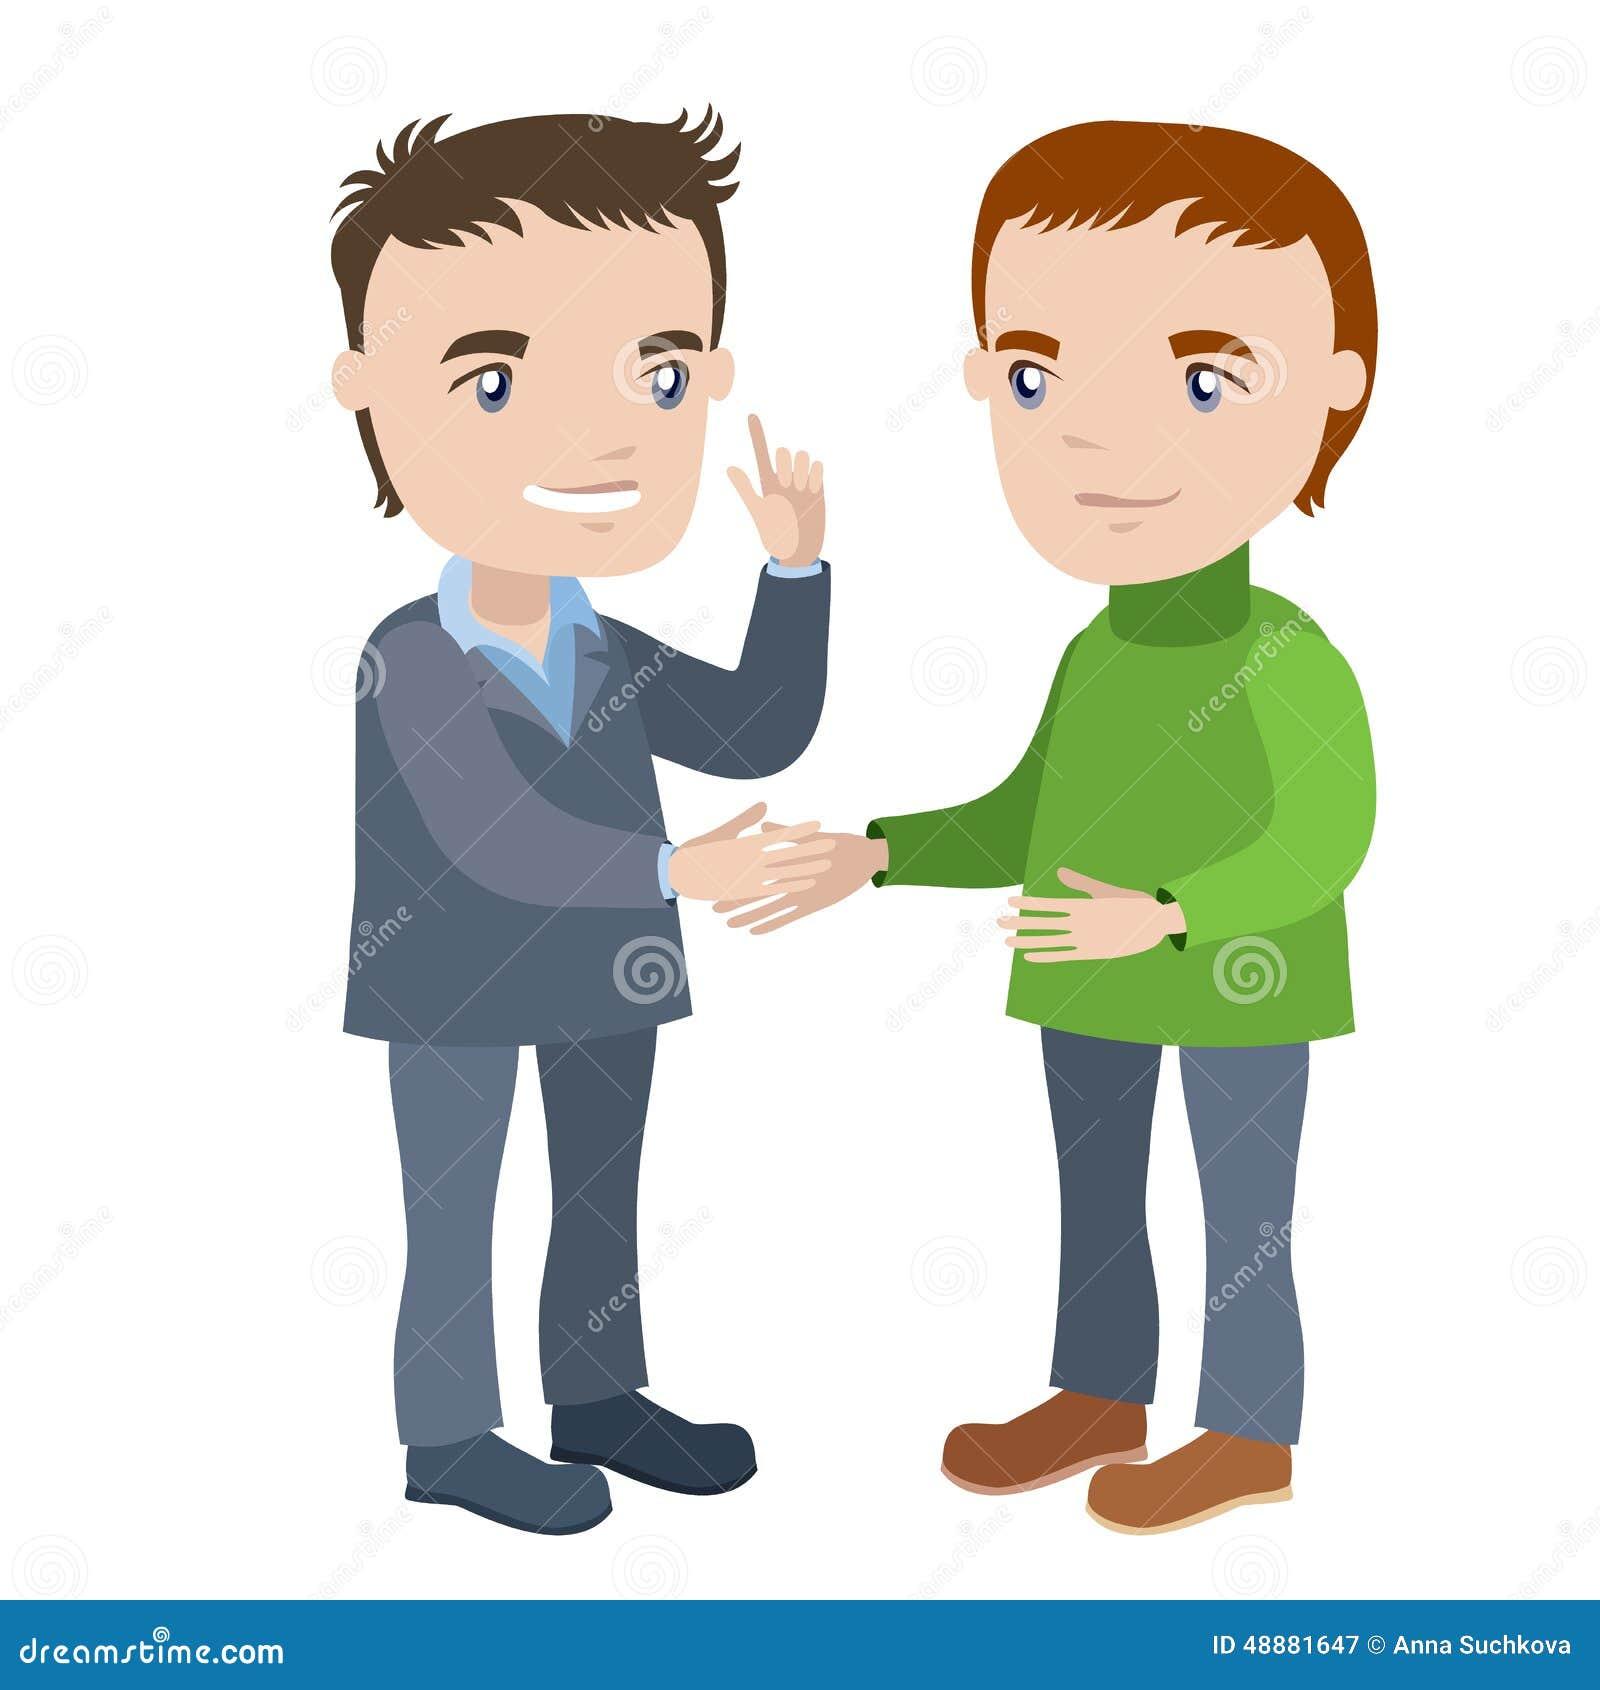 握手-商人图画漫画人物系列的两个人.图片